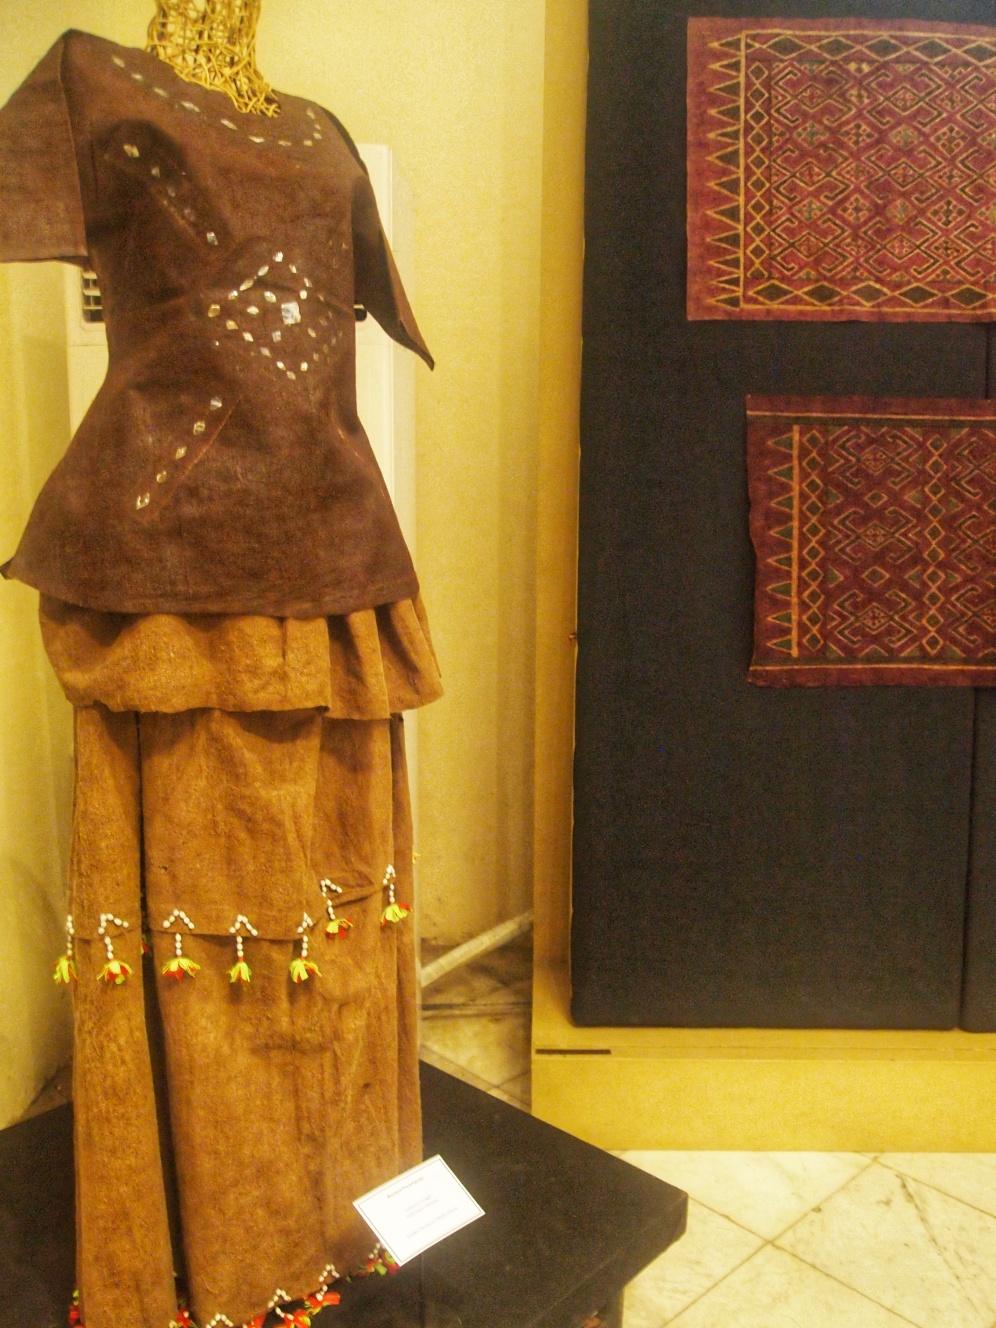 Berbagai jenis Kain Indonesia yang memiliki corak dan warna beragam